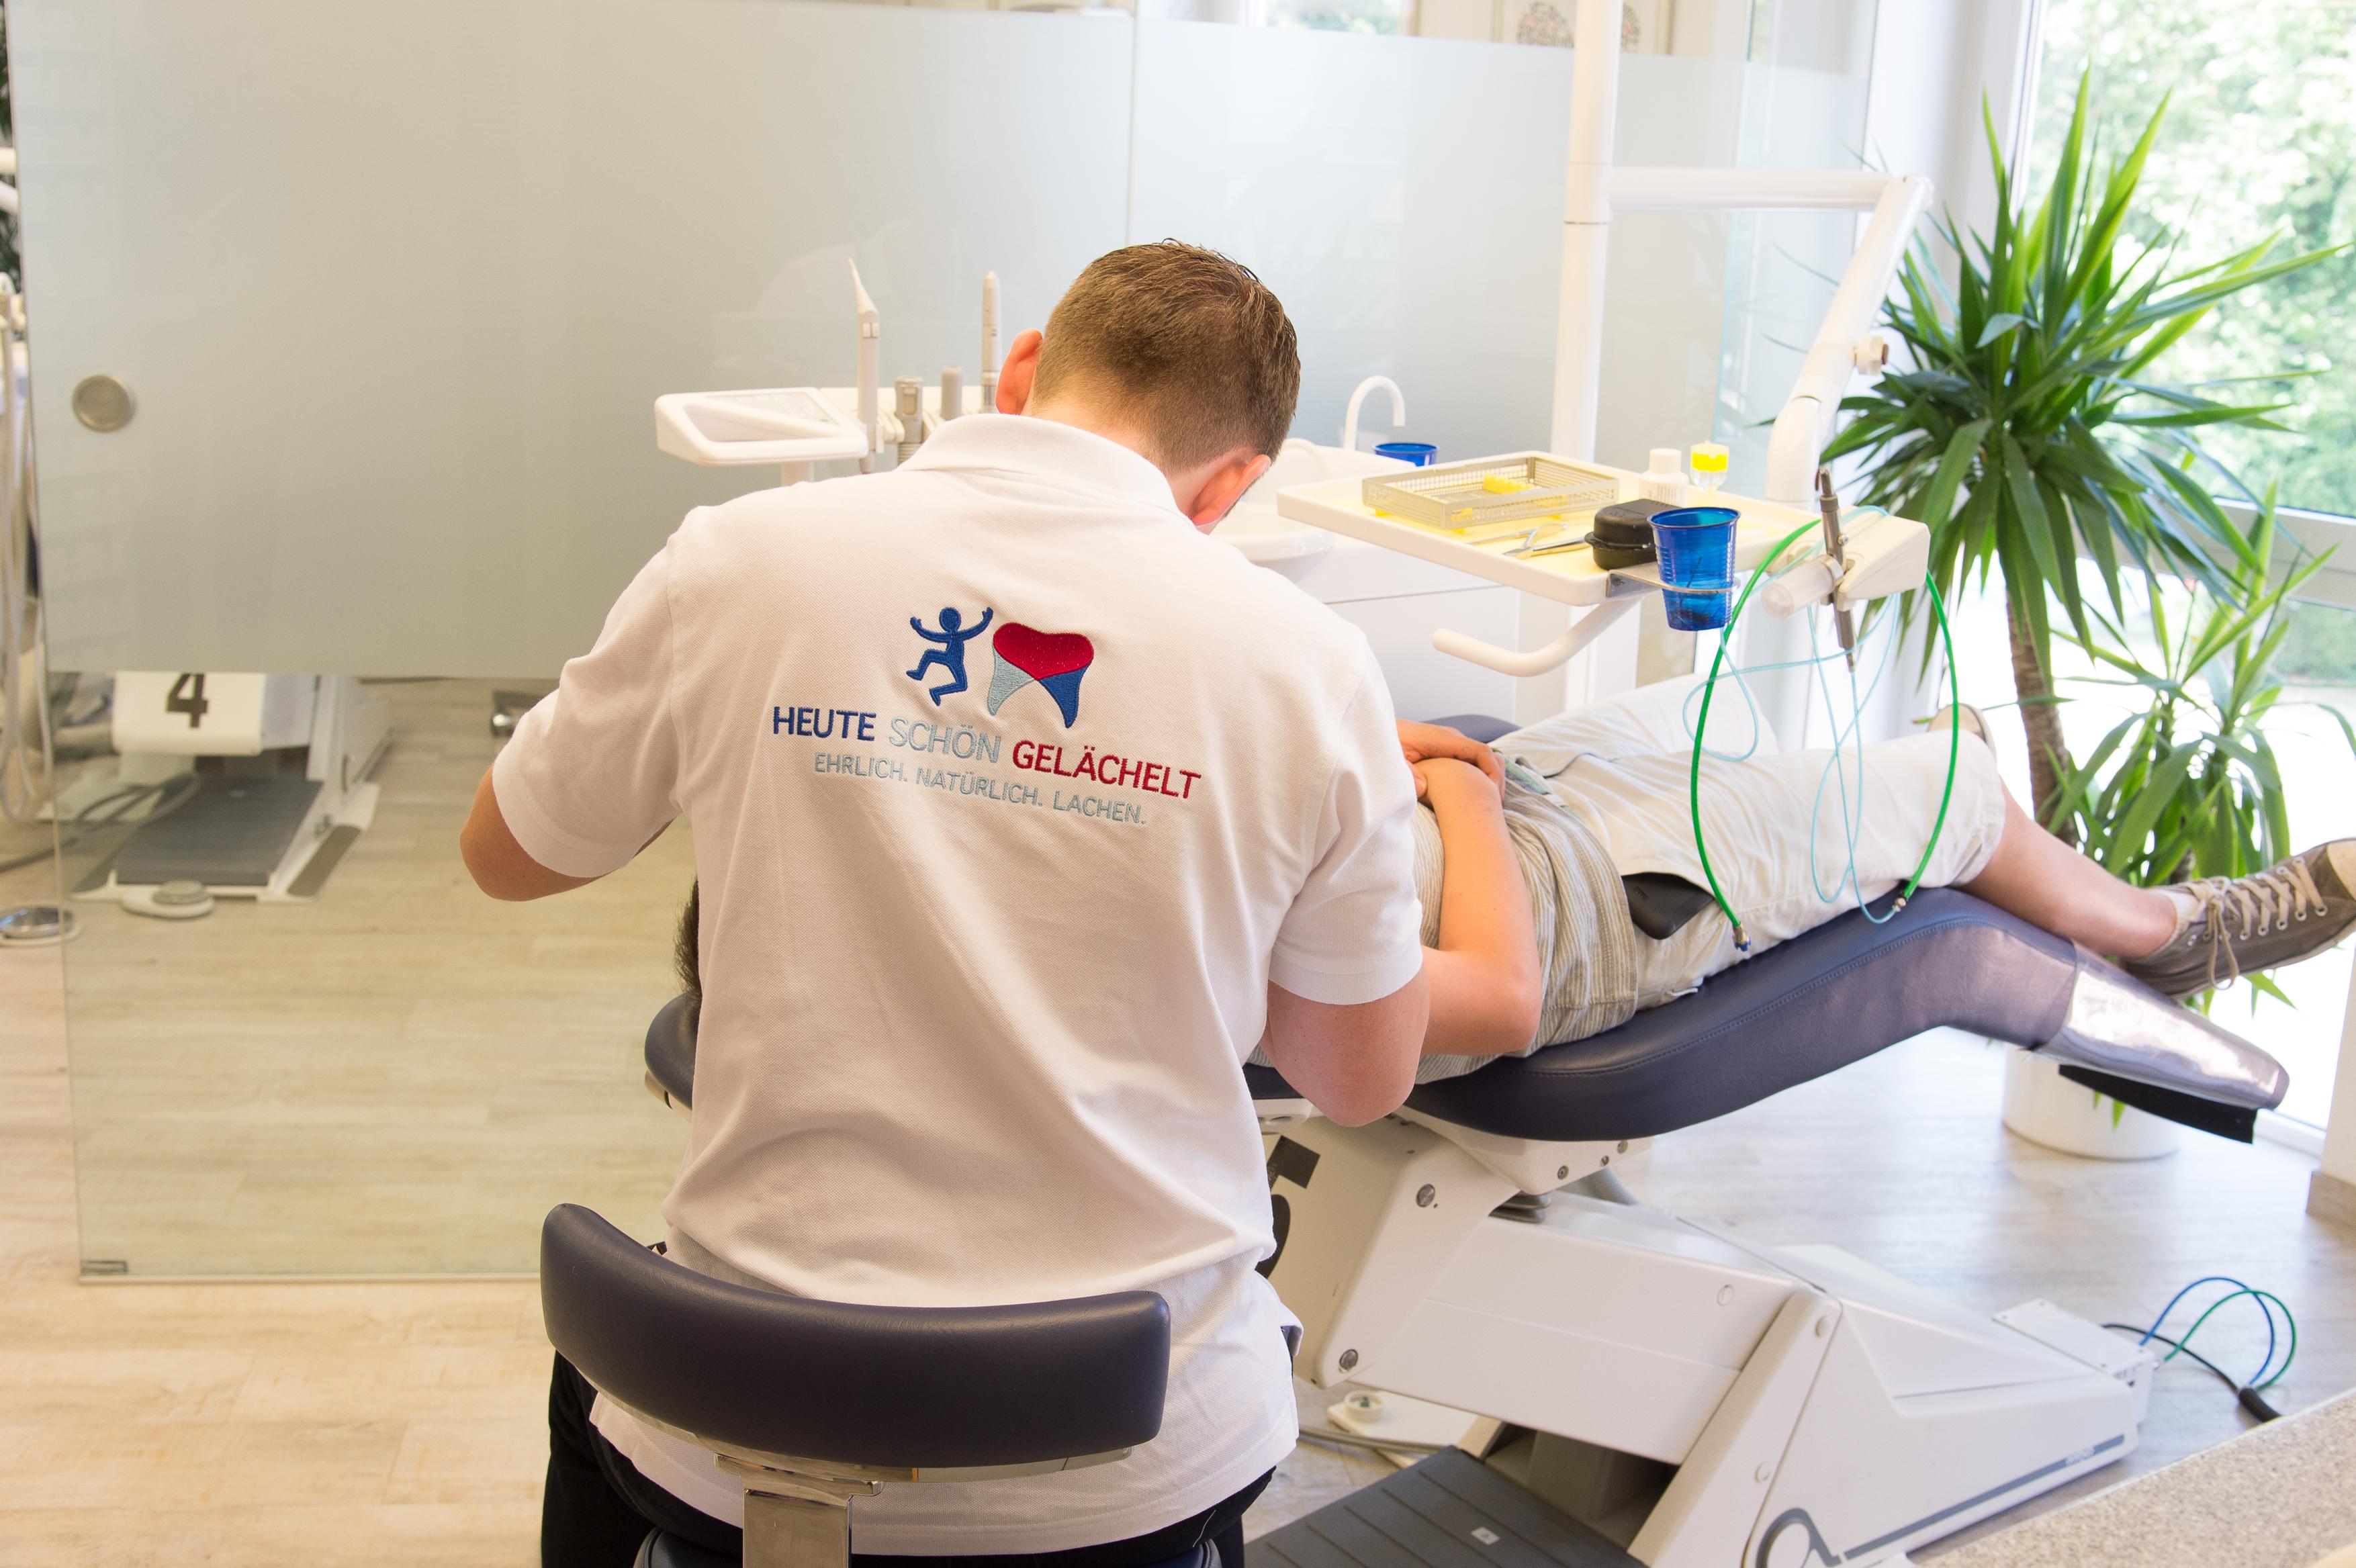 Unsere kieferorthopädischen Behandlungen sind komfortabel und angenehm.